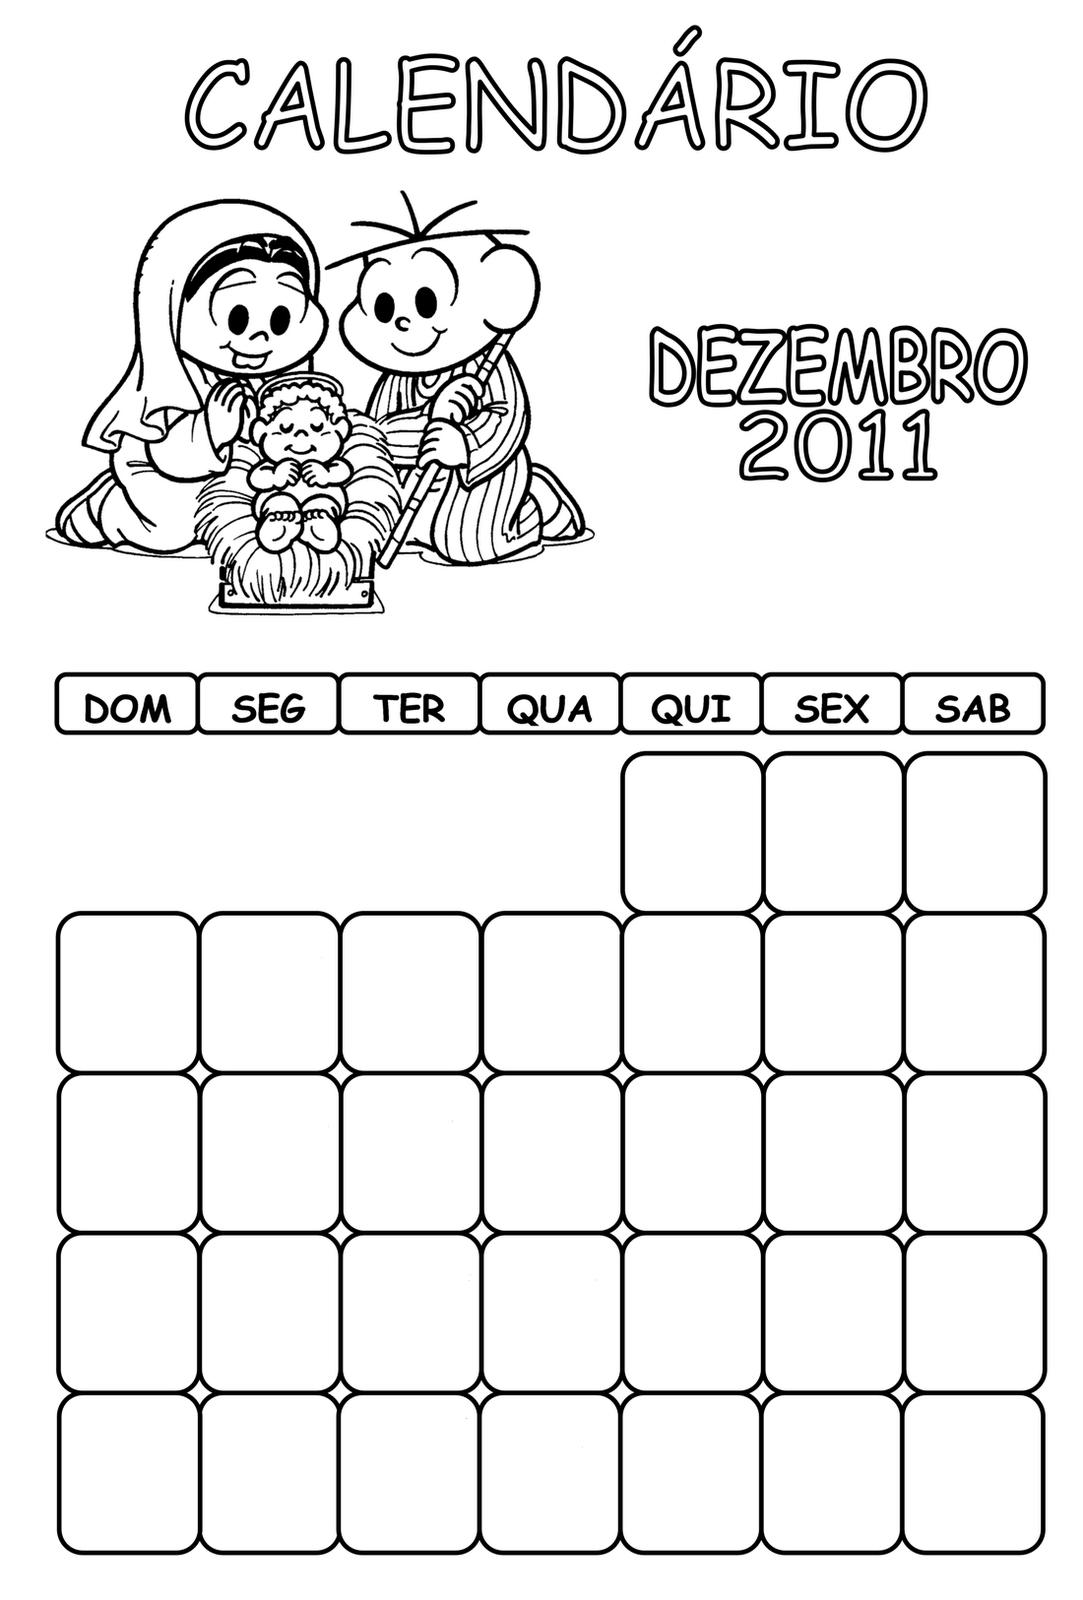 terça-feira, 28 de dezembro de 2010